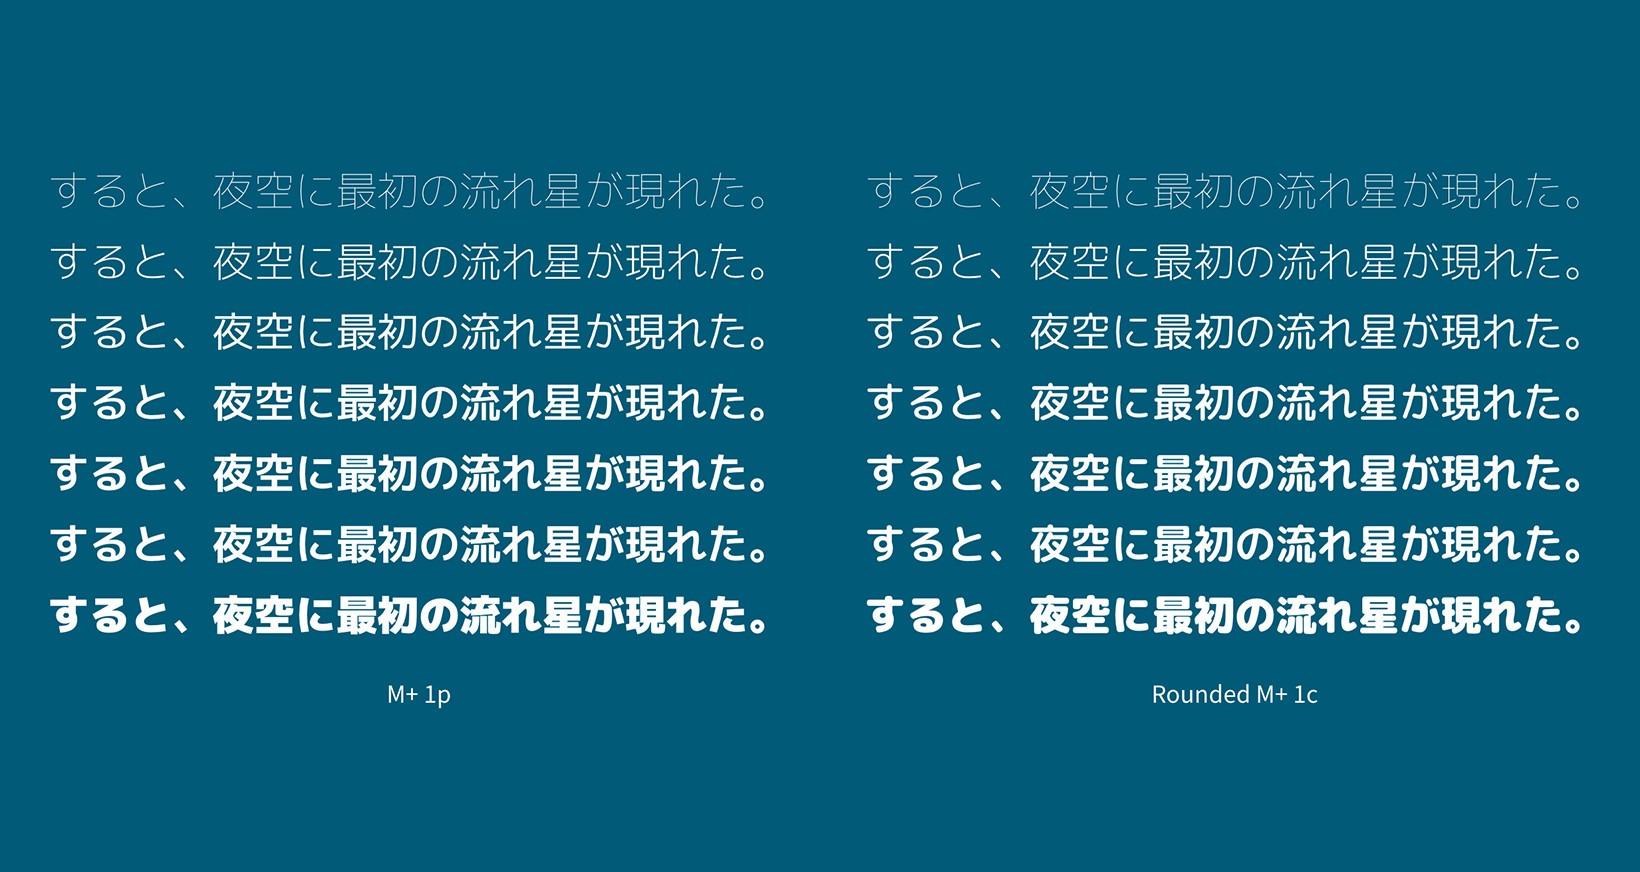 Google Fonts M+1p WEBフォント